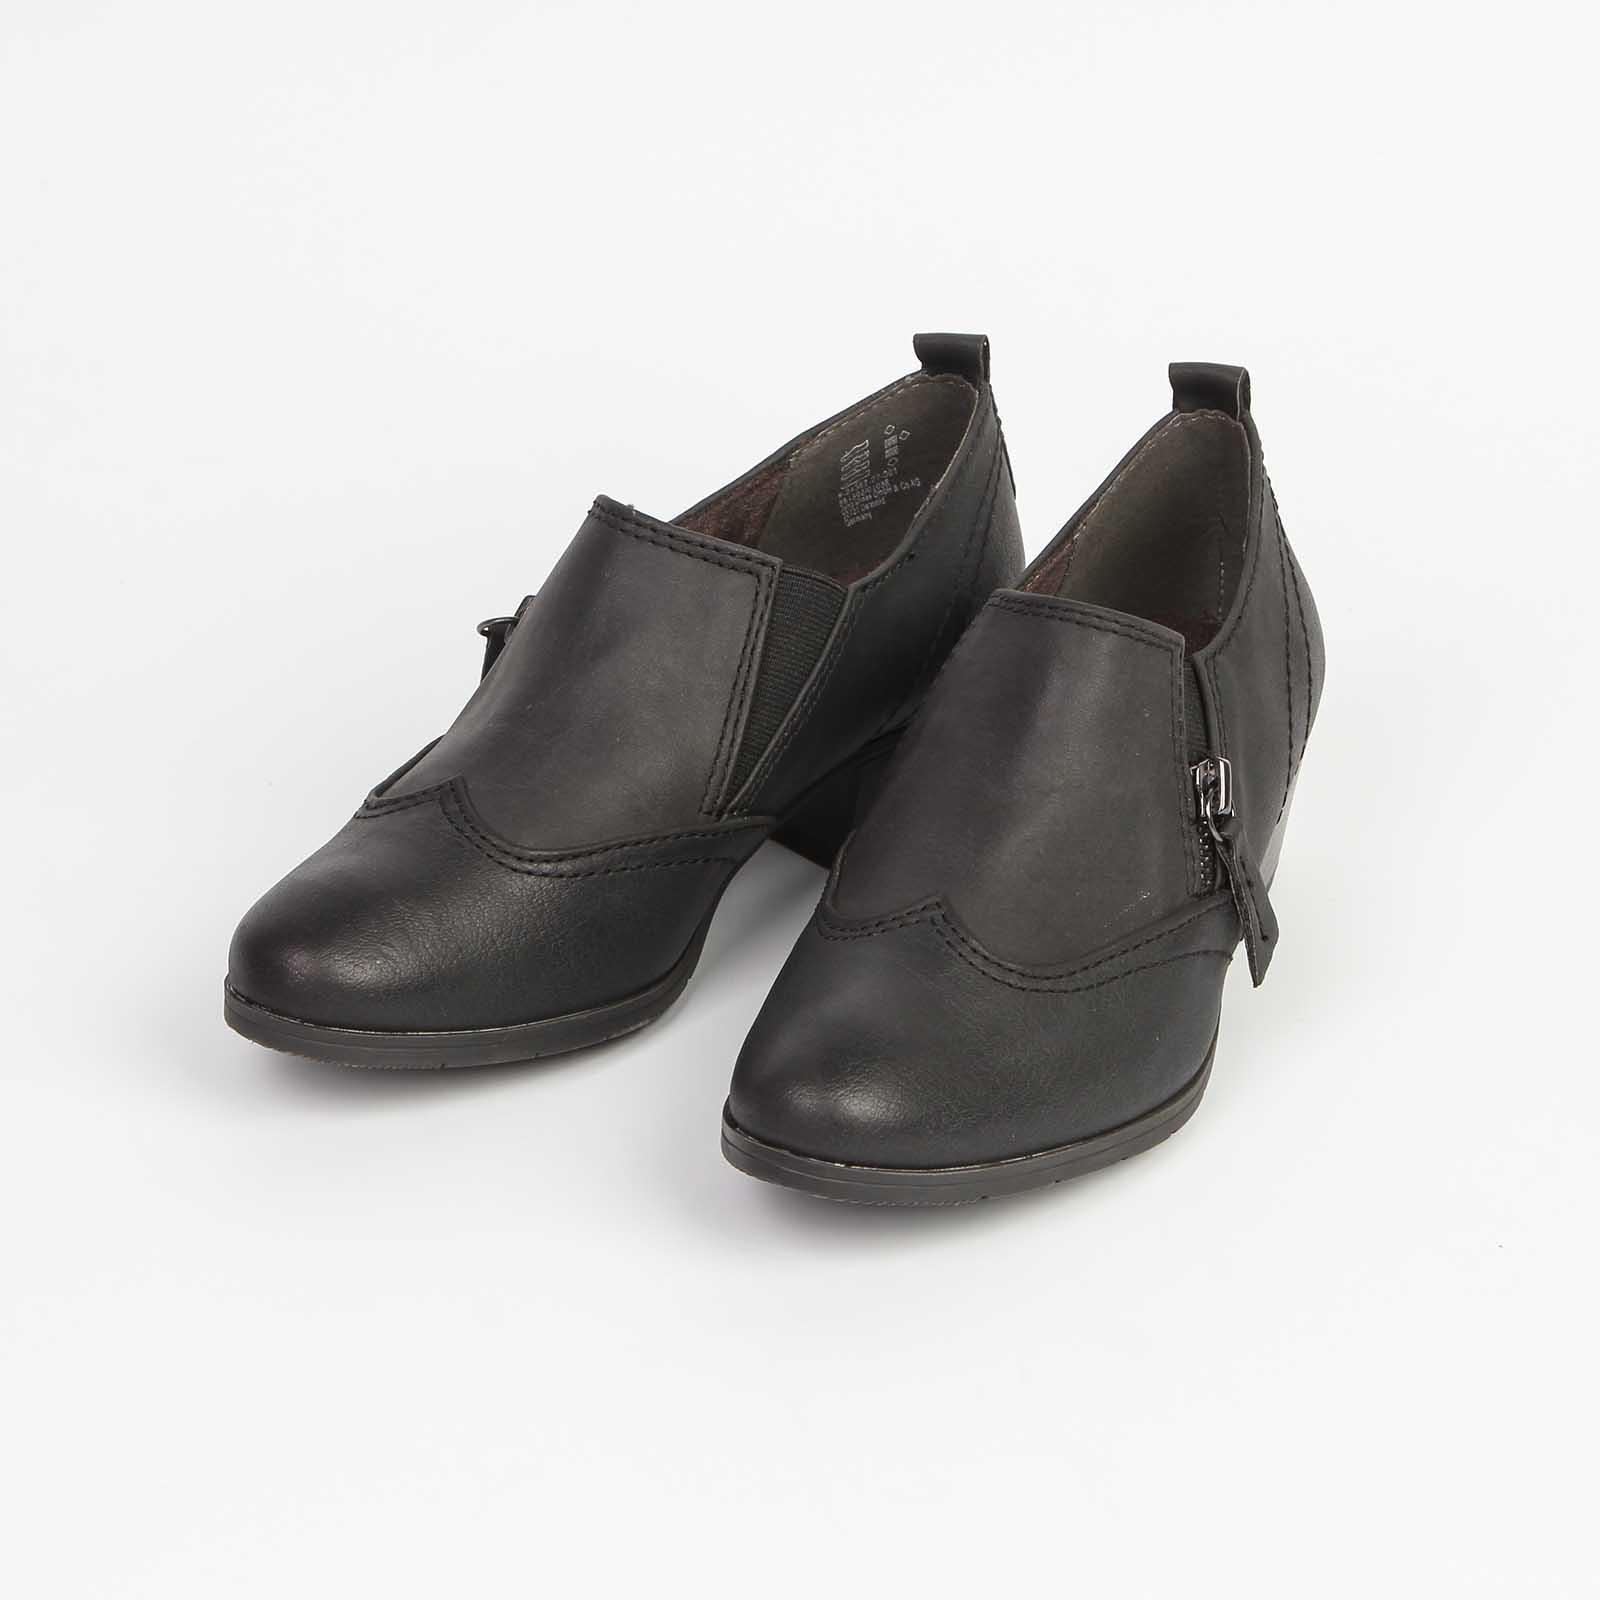 Ботинки женские со вставкой и на молнии